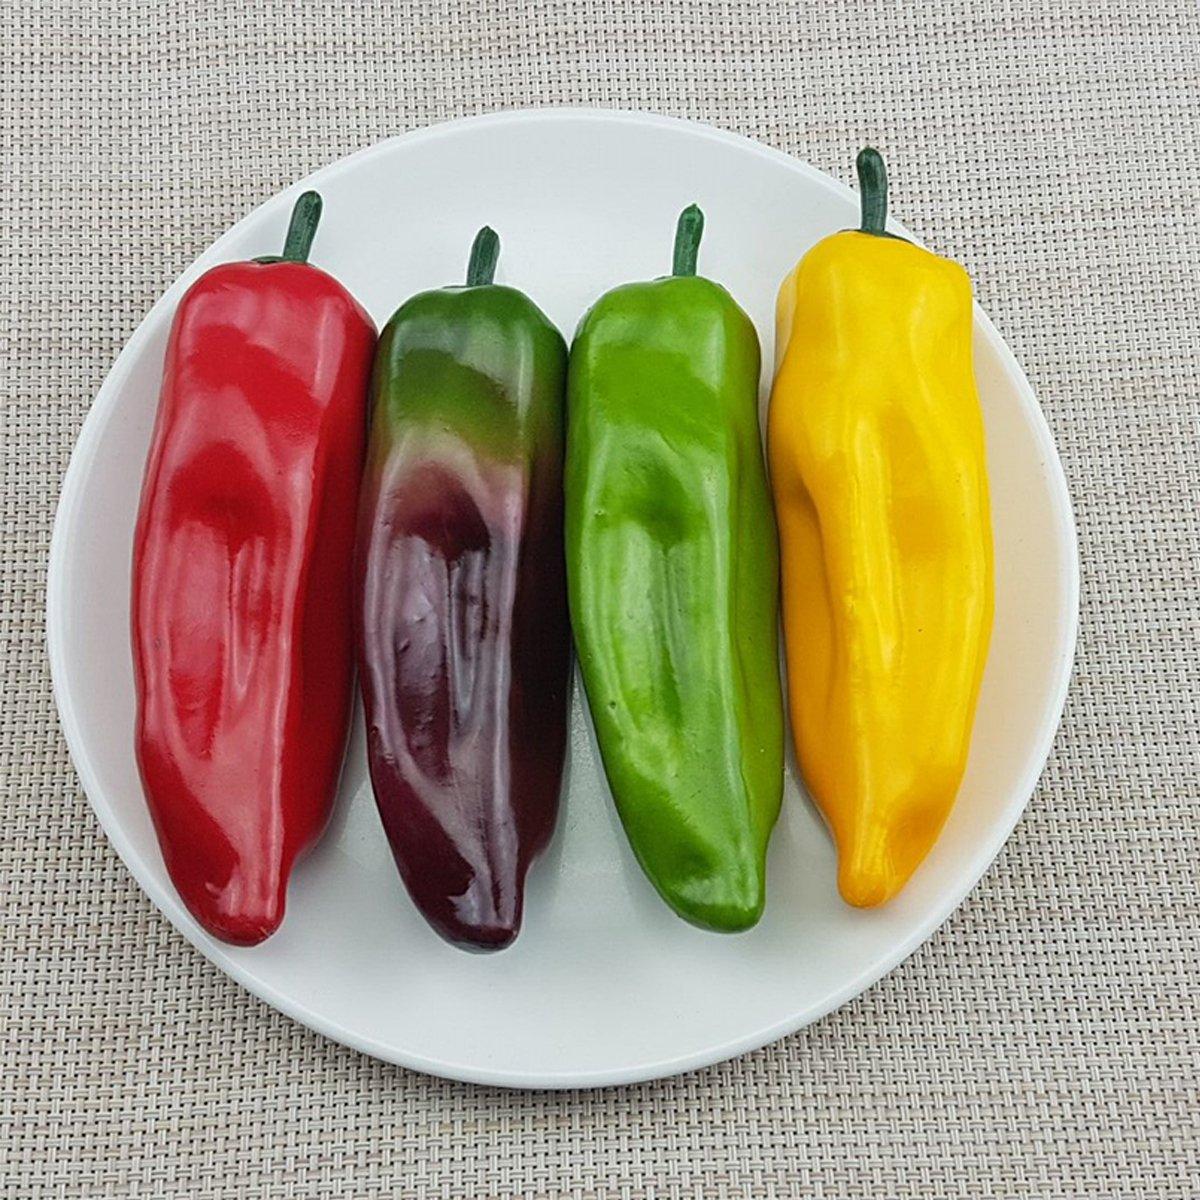 WINOMO 10 St/ücke K/ünstliche Pfeffer Chili Dekoration Gef/älschte Fr/üchte Obst